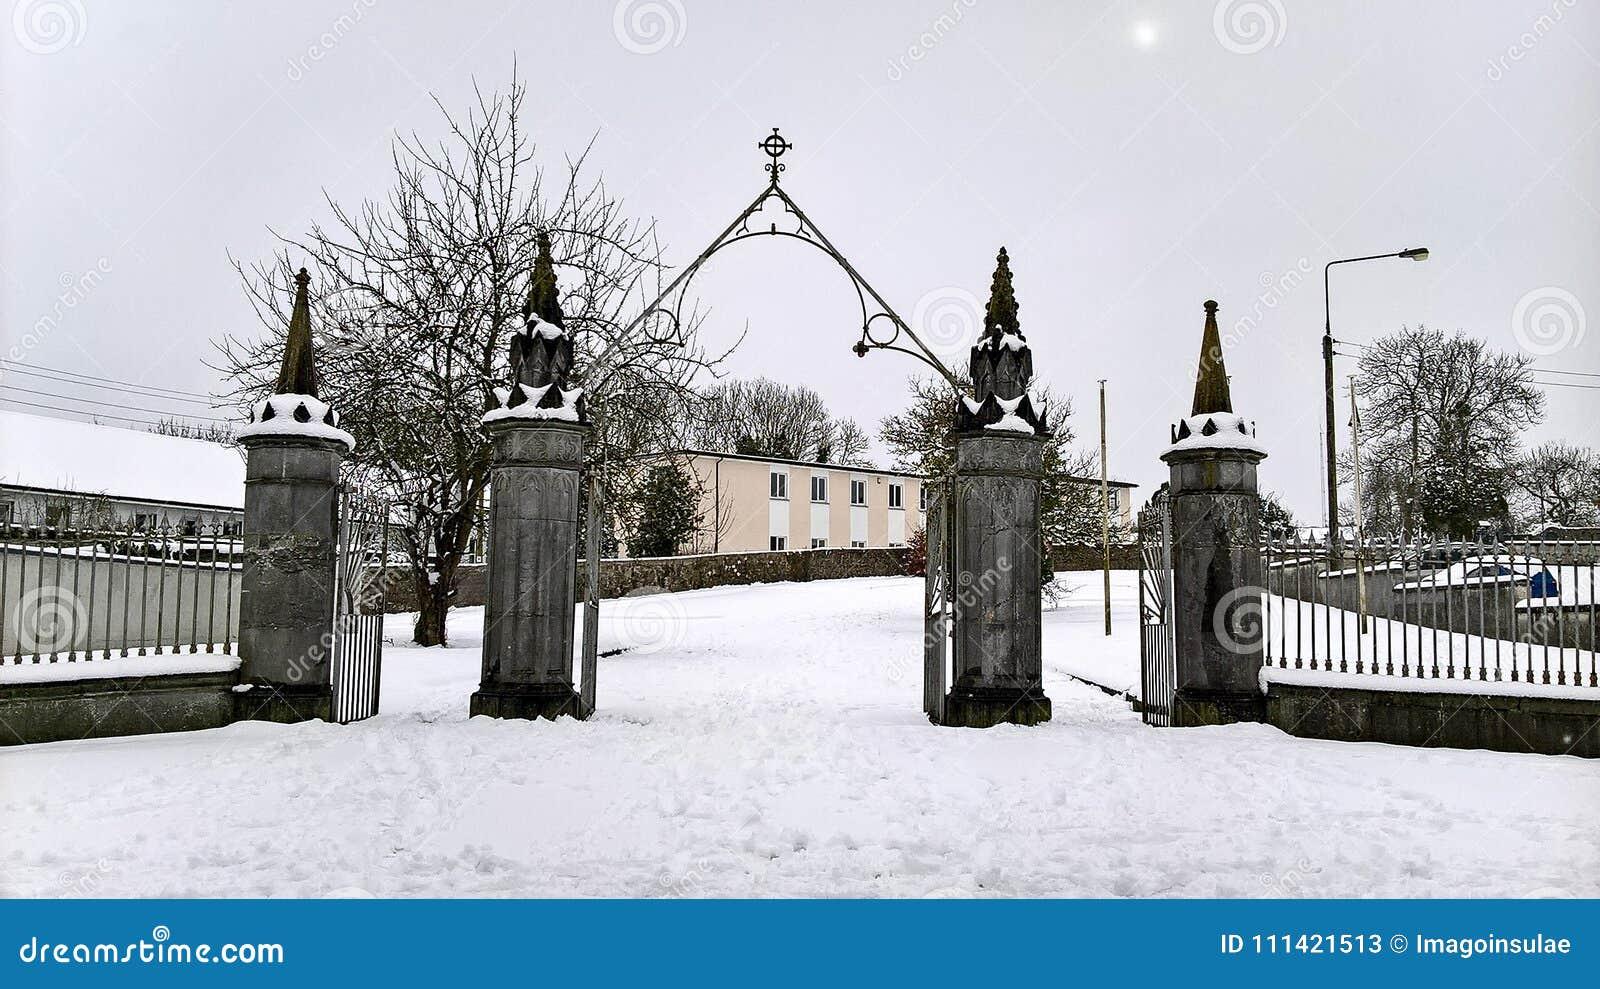 Ireland. Kanturk. Winter in County Cork